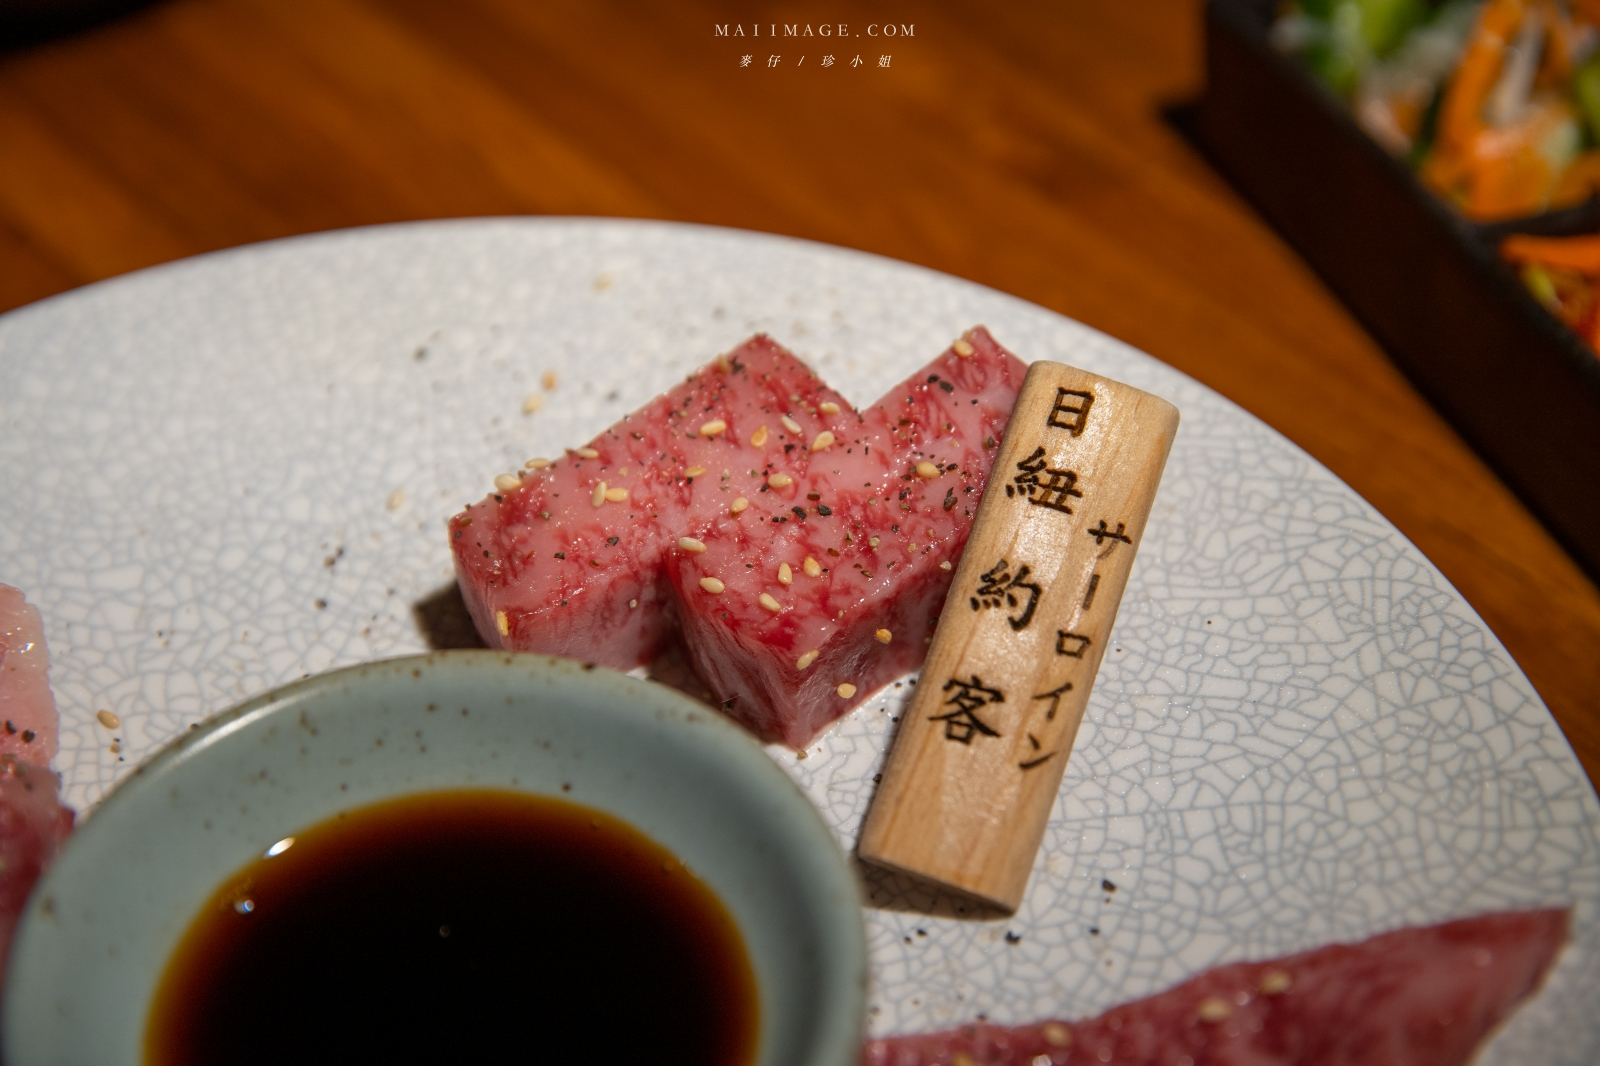 台北燒肉推薦『三樵炭火燒肉』日本三四郎燒肉海外展店,精緻燒肉每塊都是夢幻逸品啊~捷運忠孝復興美食